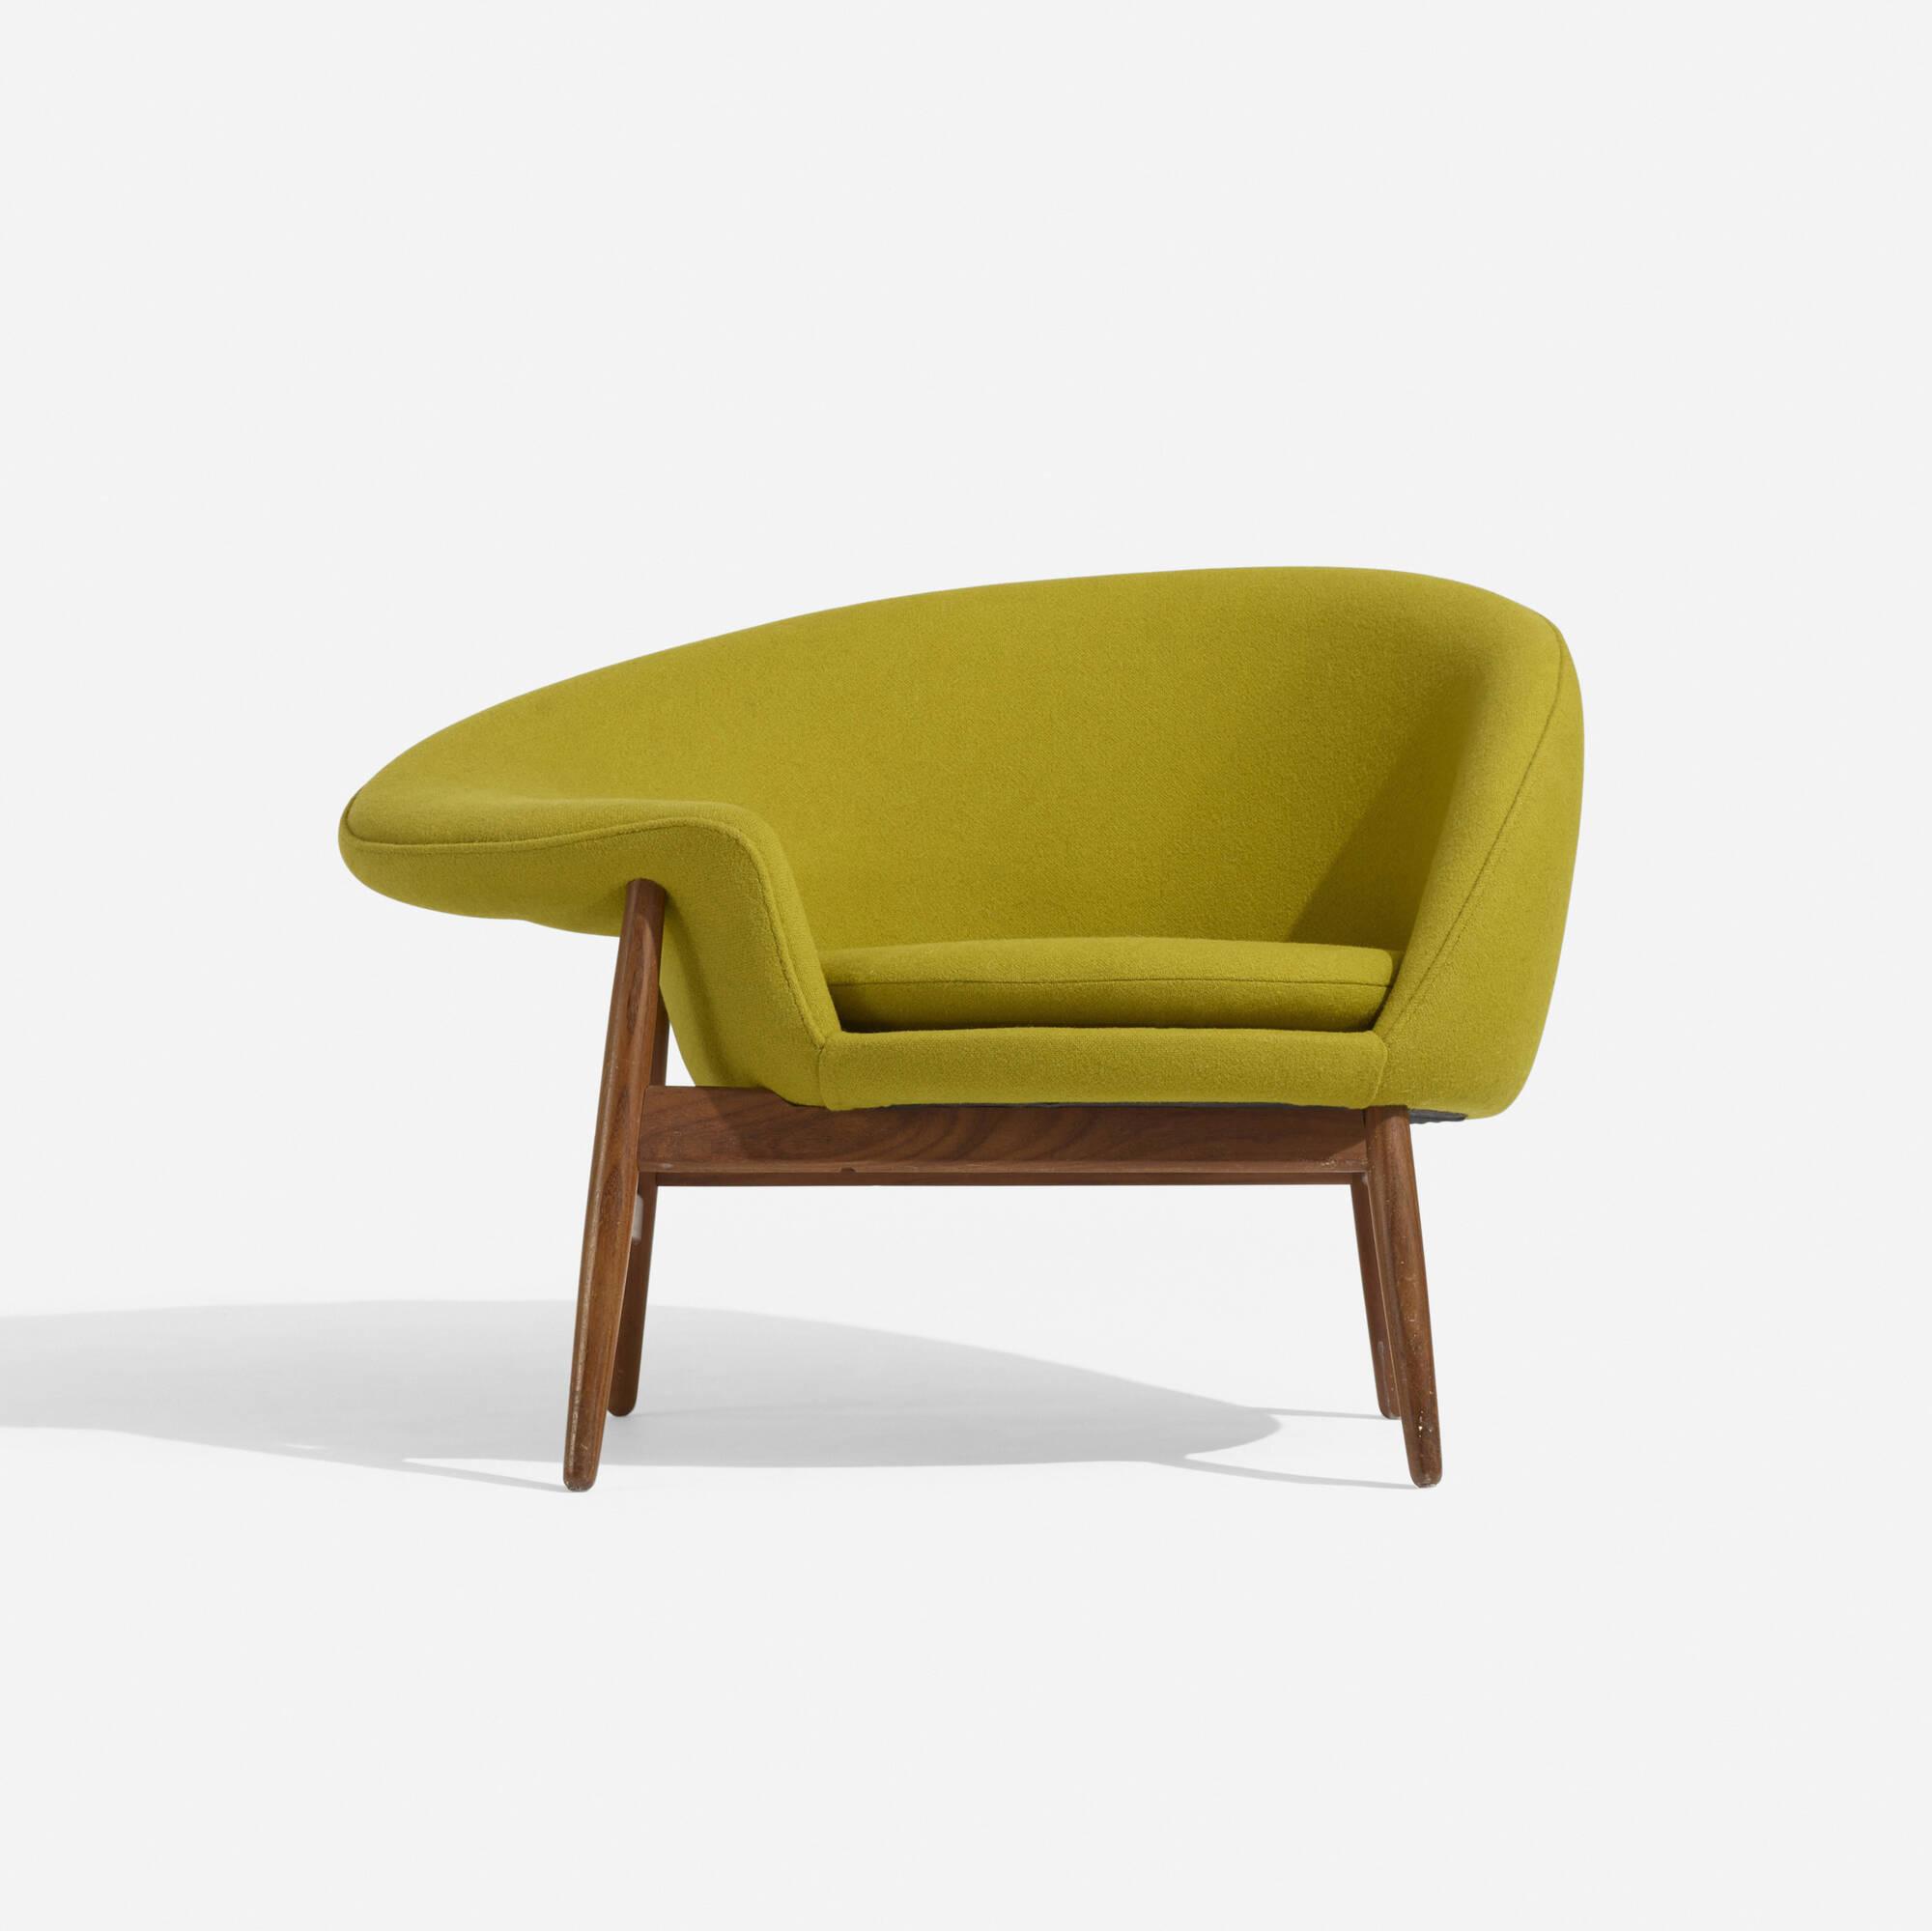 187: Hans Olsen / lounge chair, model 188 (2 of 4)